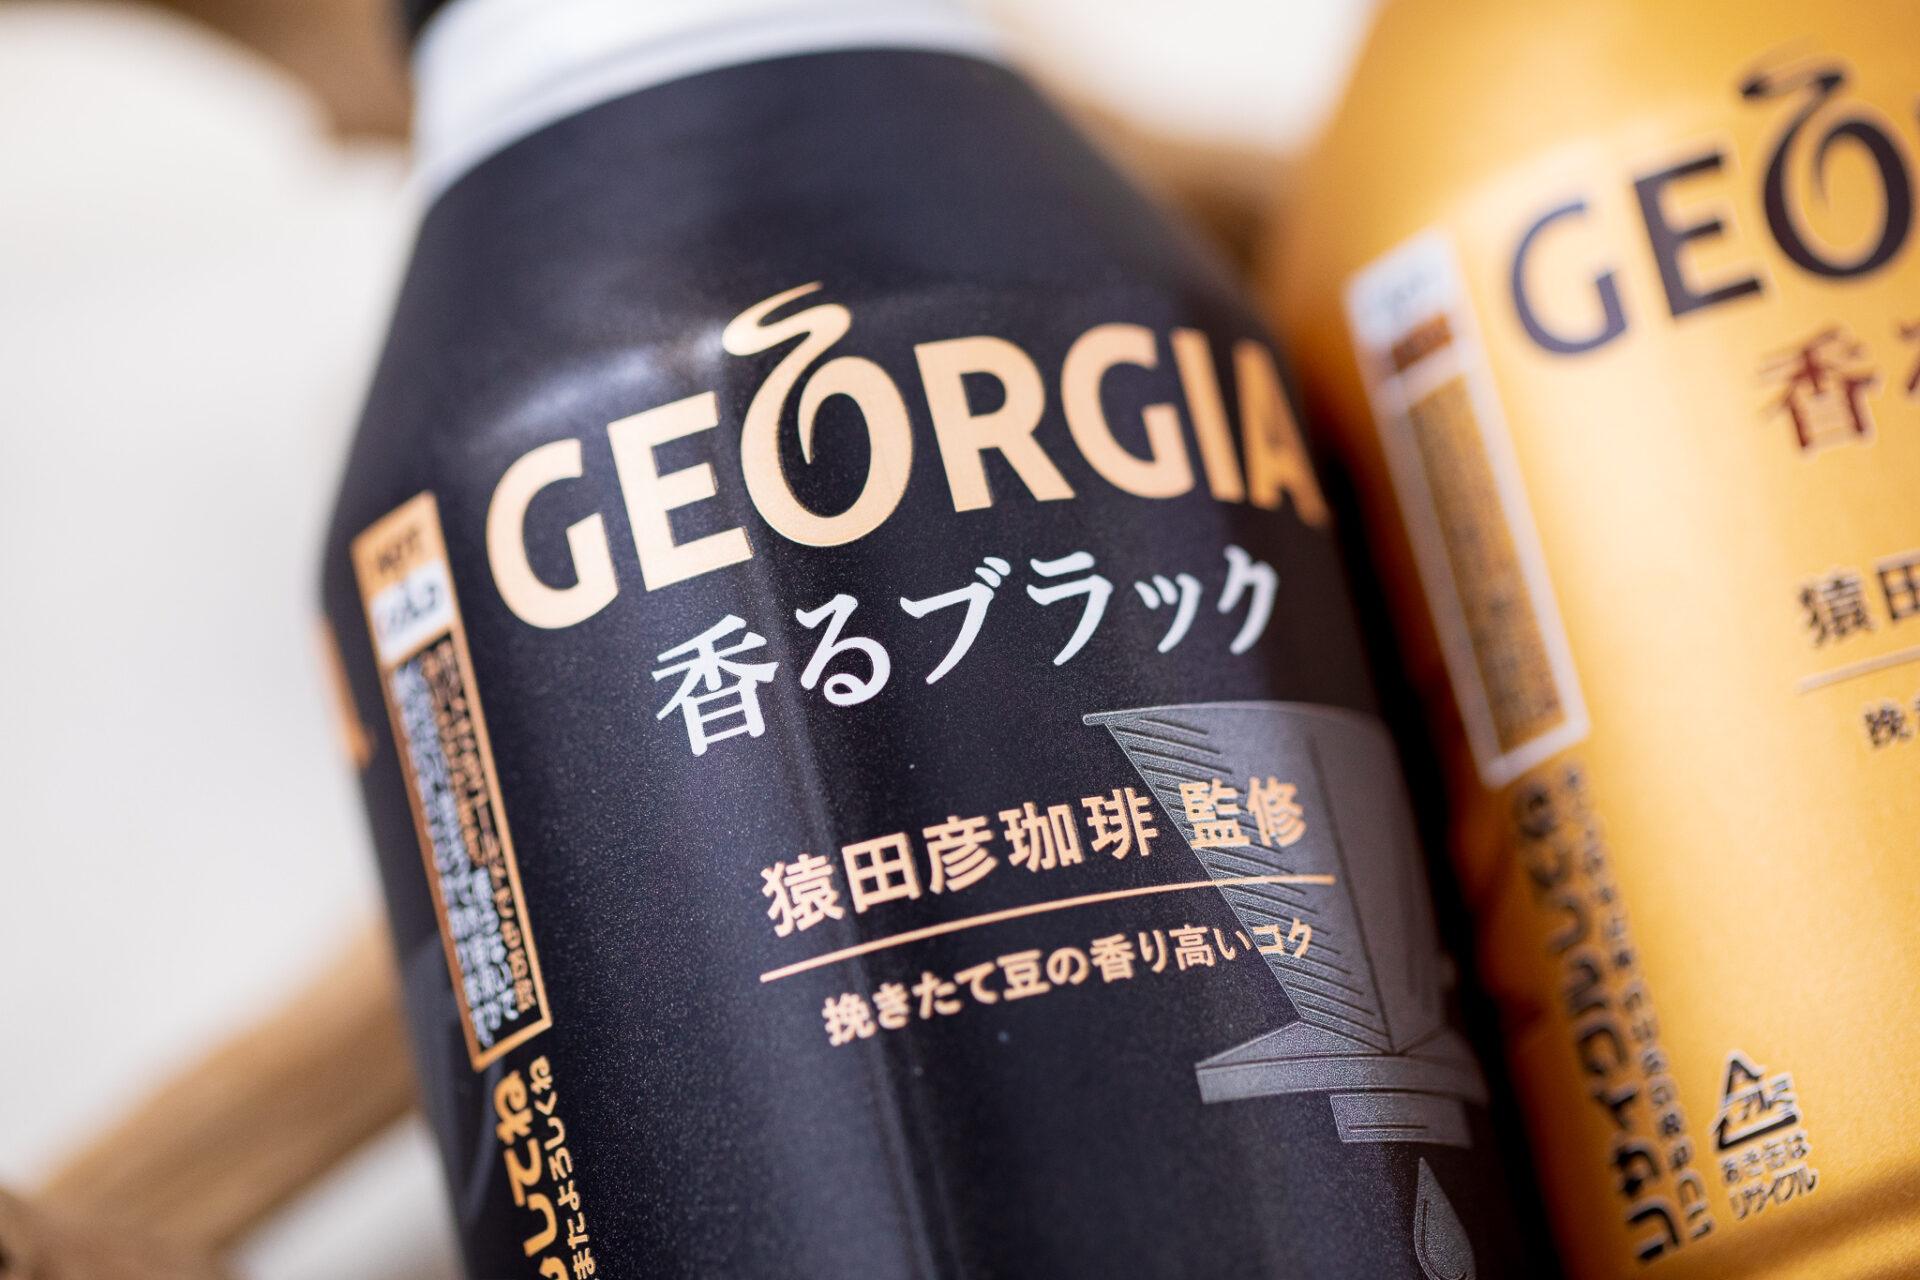 コカ・コーラ『ジョージア 香るブラック』